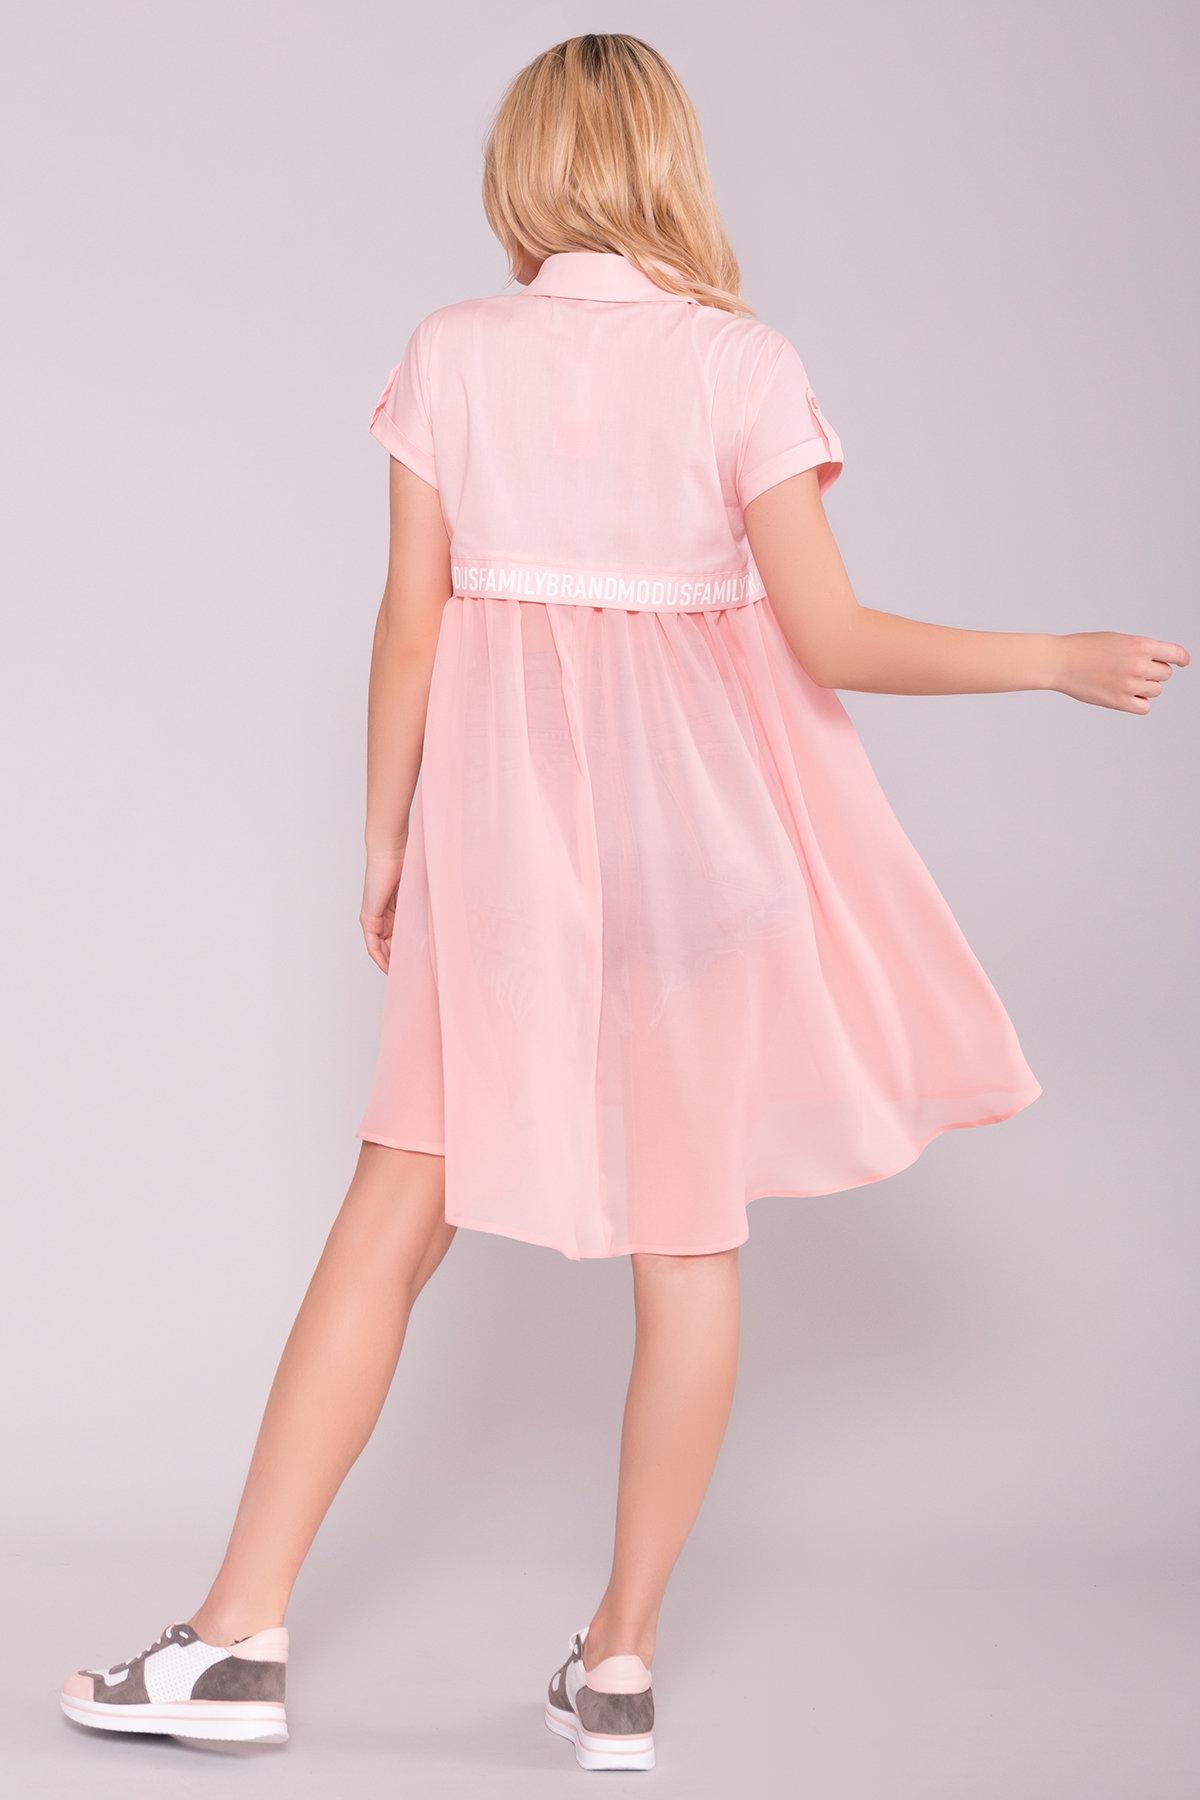 Платье-рубашка Саби  7268 АРТ. 42848 Цвет: Пудра - фото 2, интернет магазин tm-modus.ru